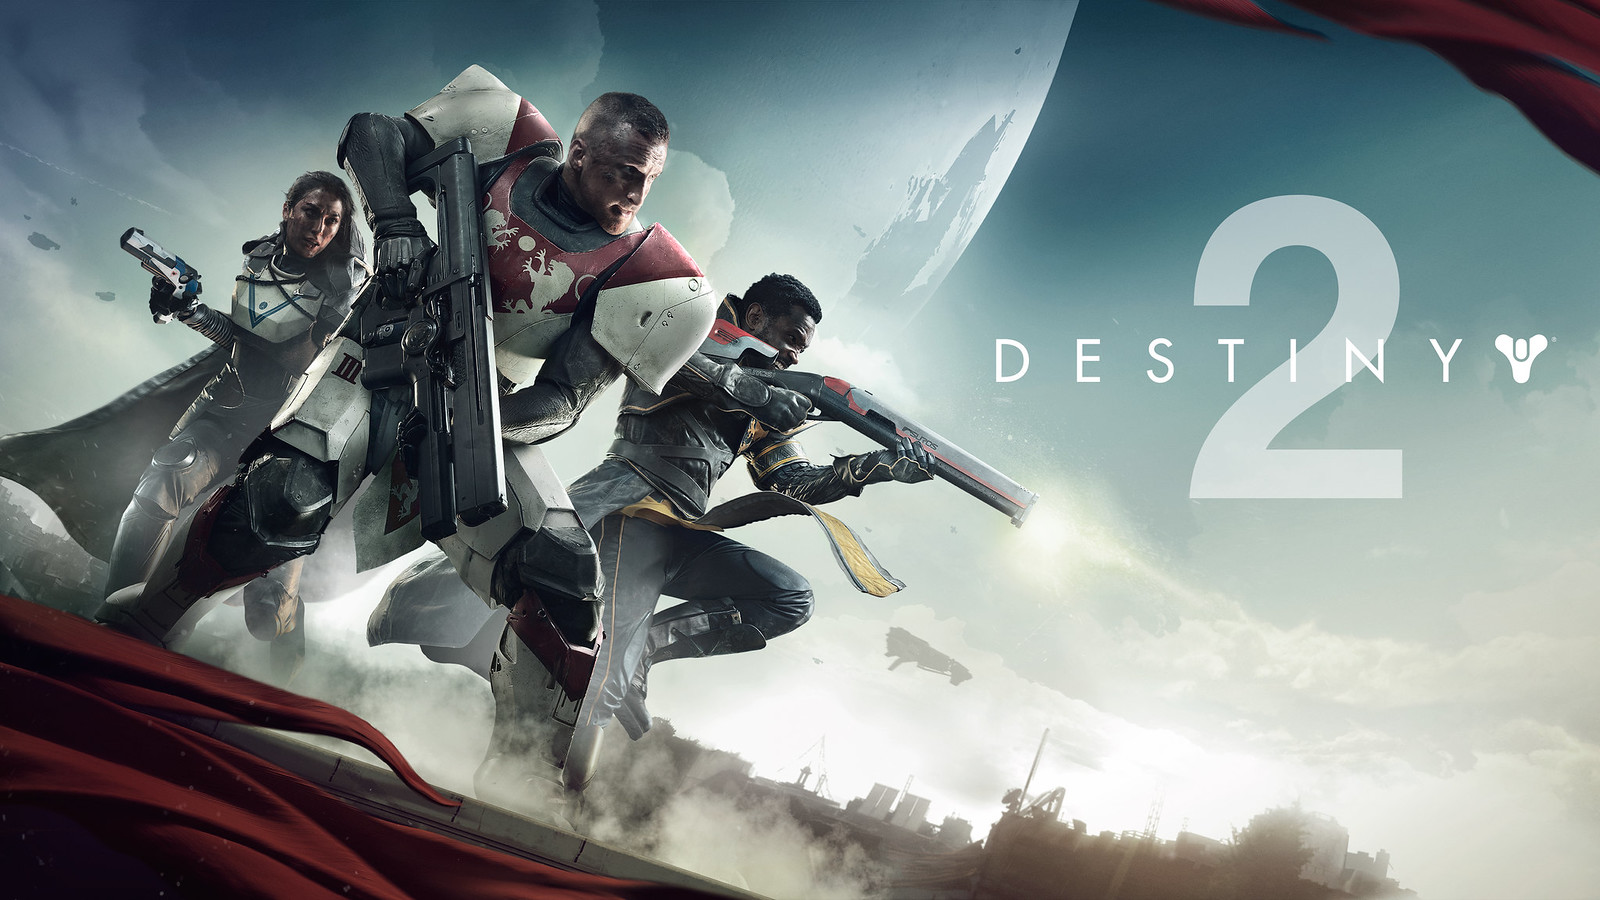 [Destiny 2] พร้อมลุยเพื่อมวลมนุษยชาติแล้ว!